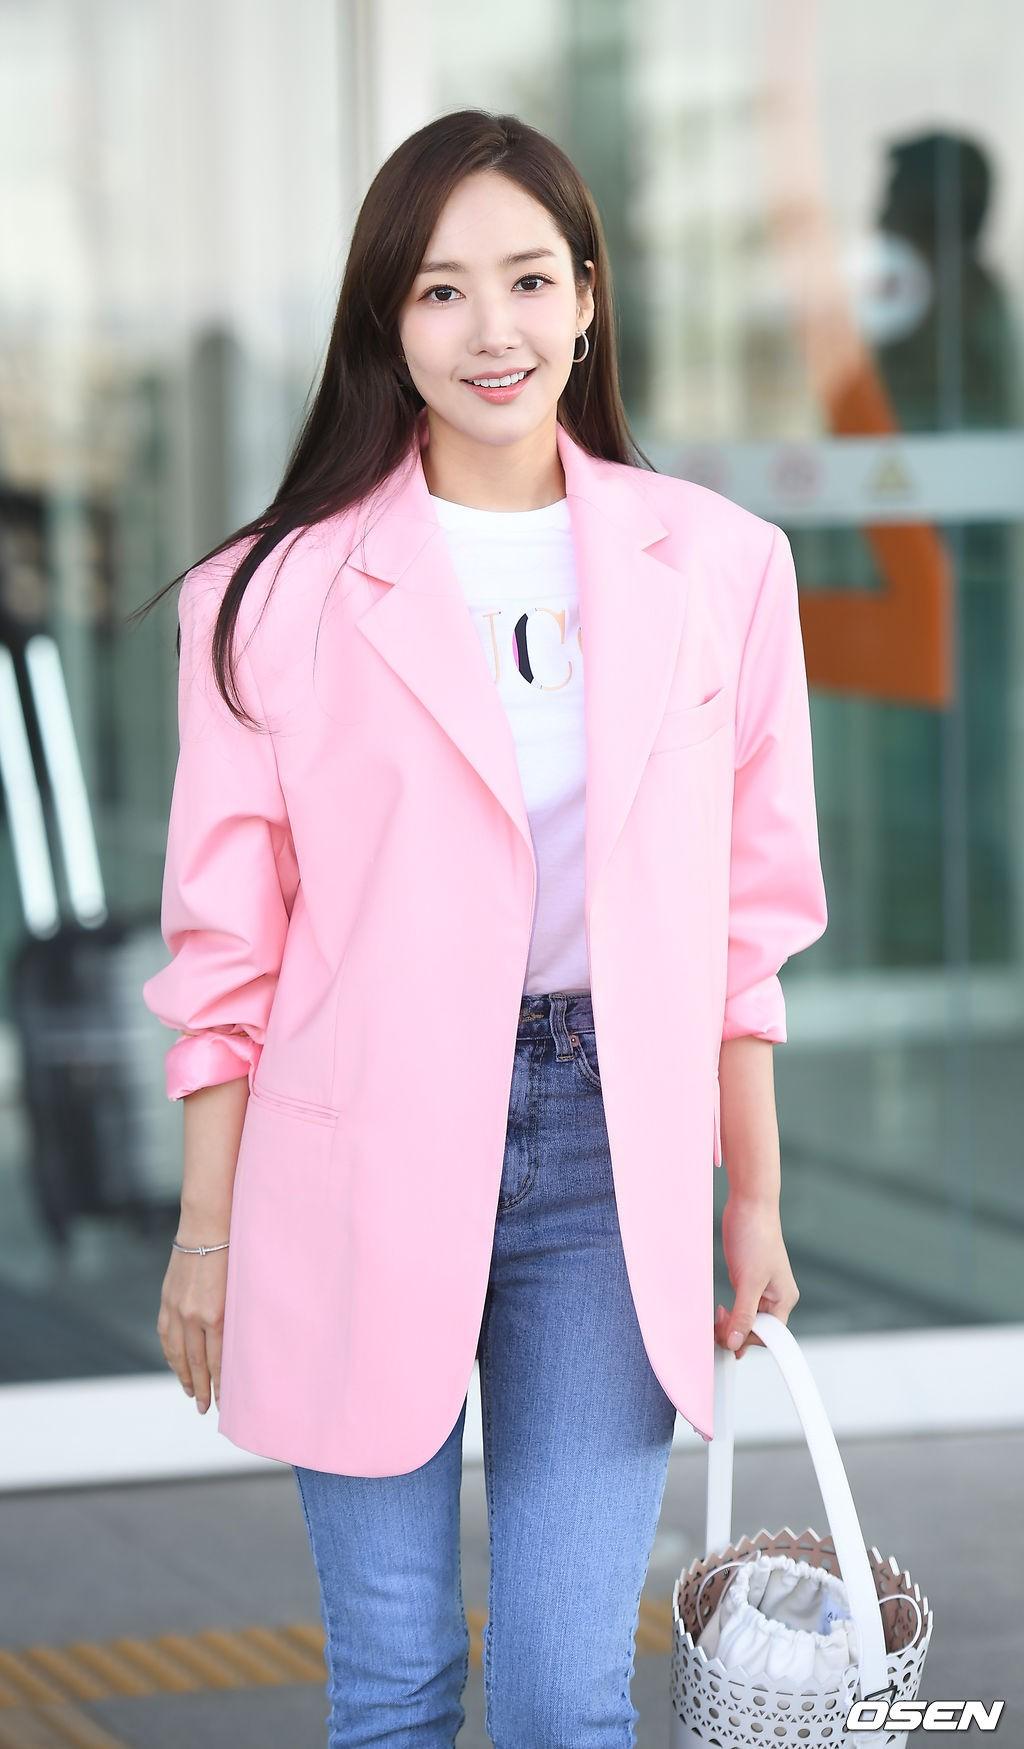 Dàn sao Hàn đình đám đổ bộ sân bay ngày Valentine: Black Pink đọ sắc Park Min Young, Park Bo Gum quá bảnh - Ảnh 18.